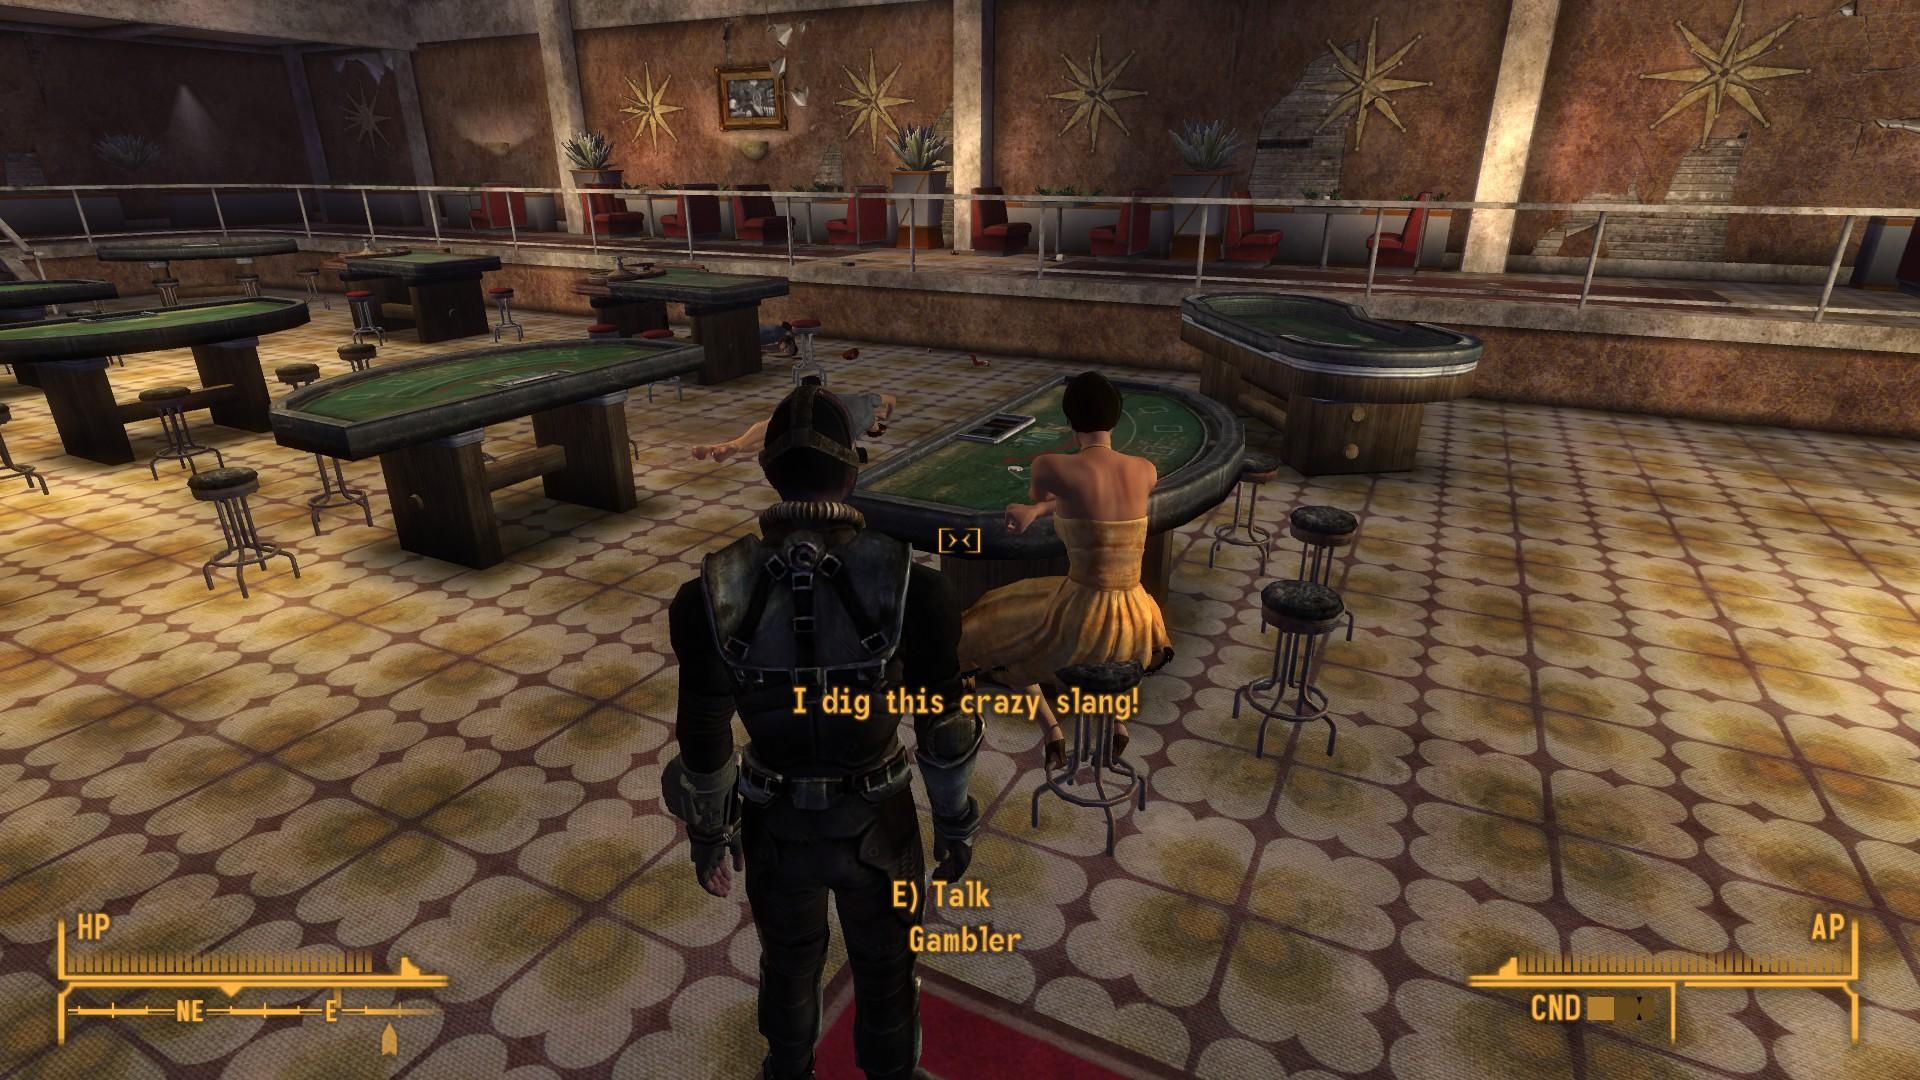 адмирал казино онлайн играть официальный сайт